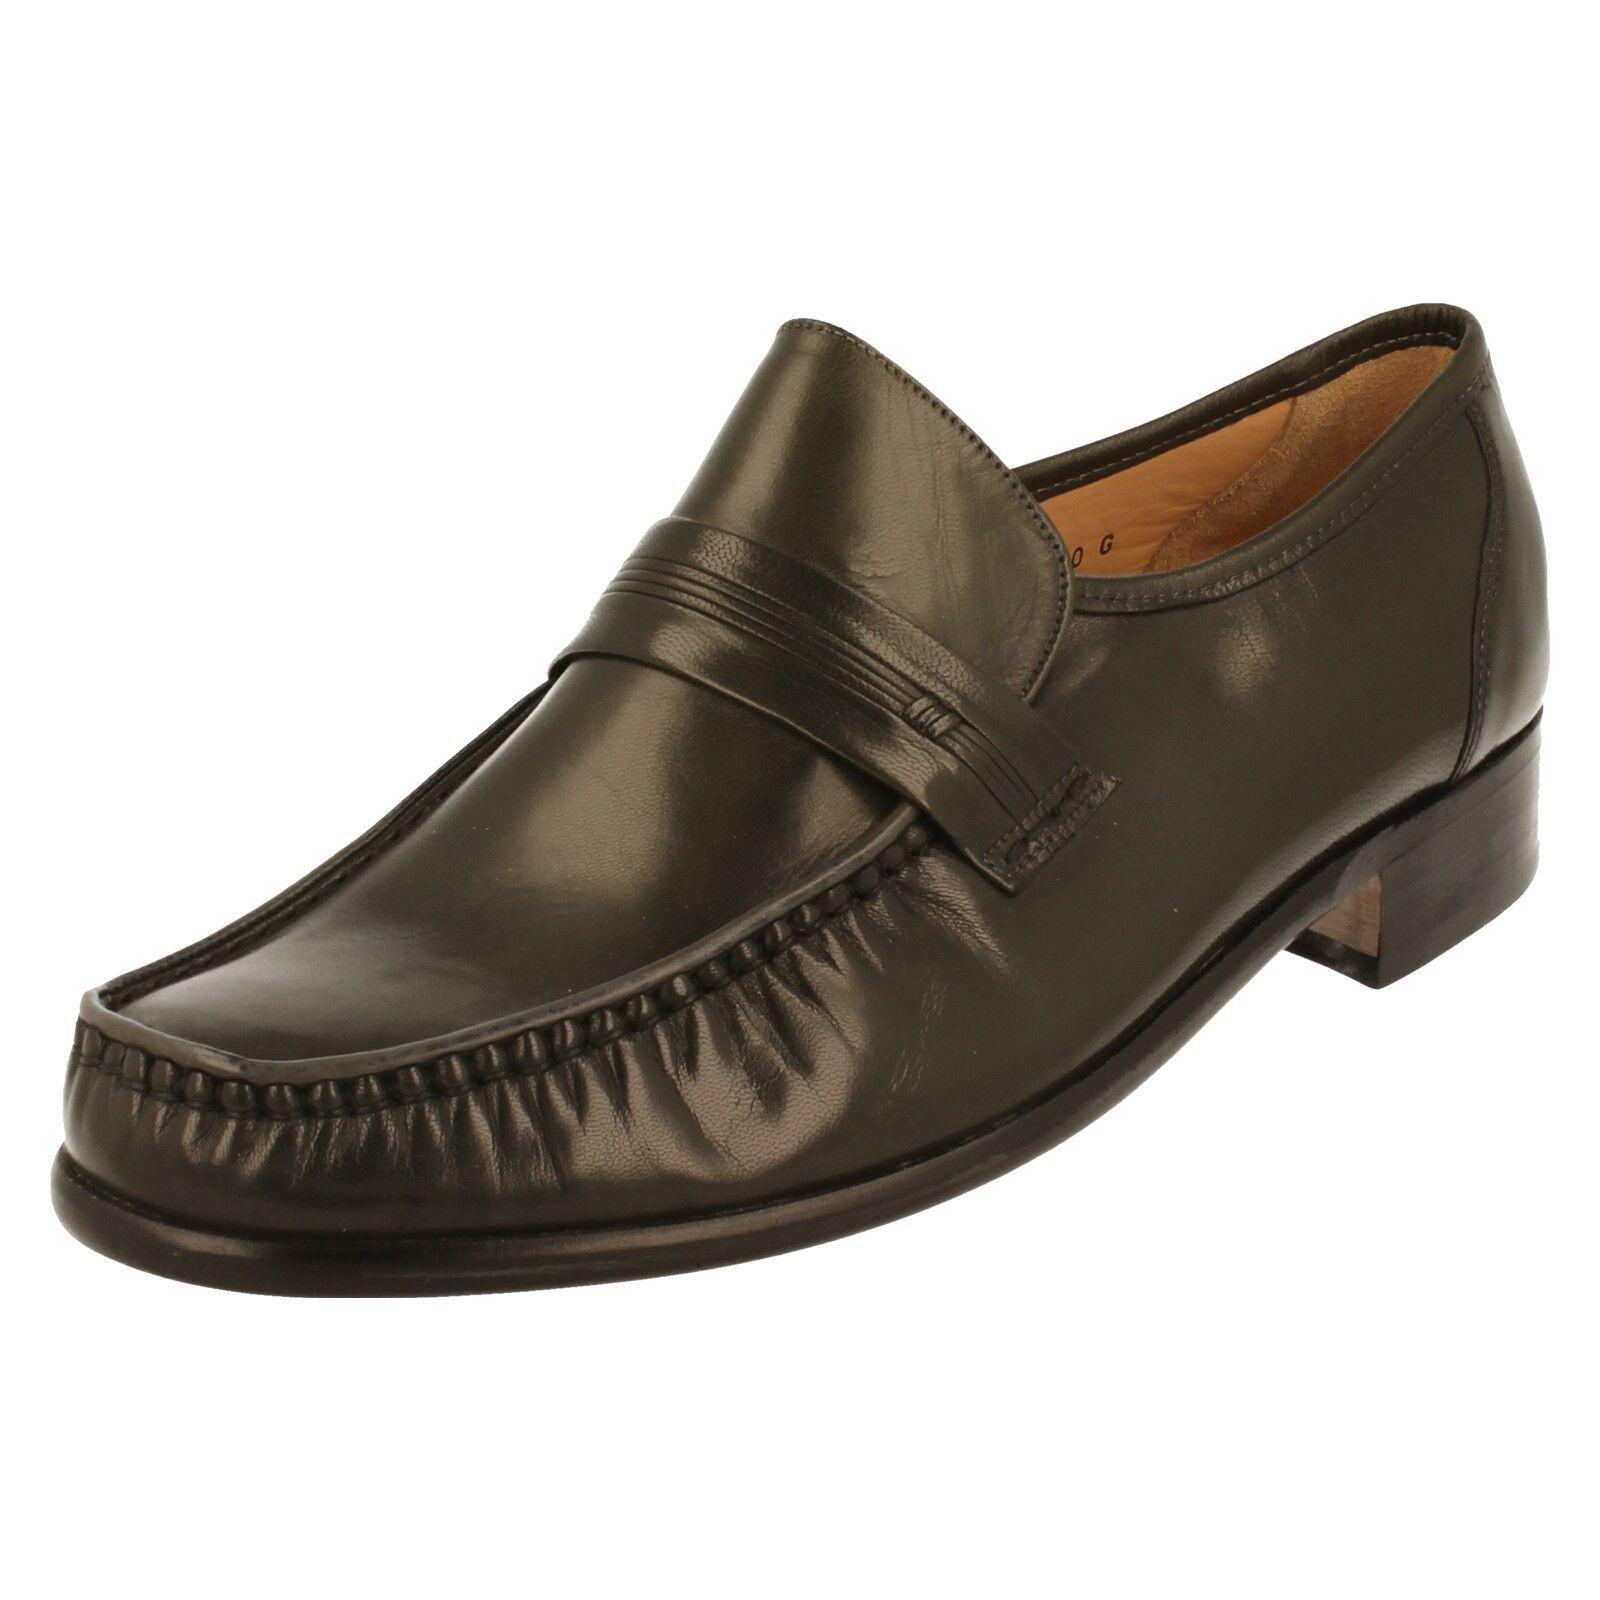 hombre Grenson Formal Zapatos Mocasín-33342